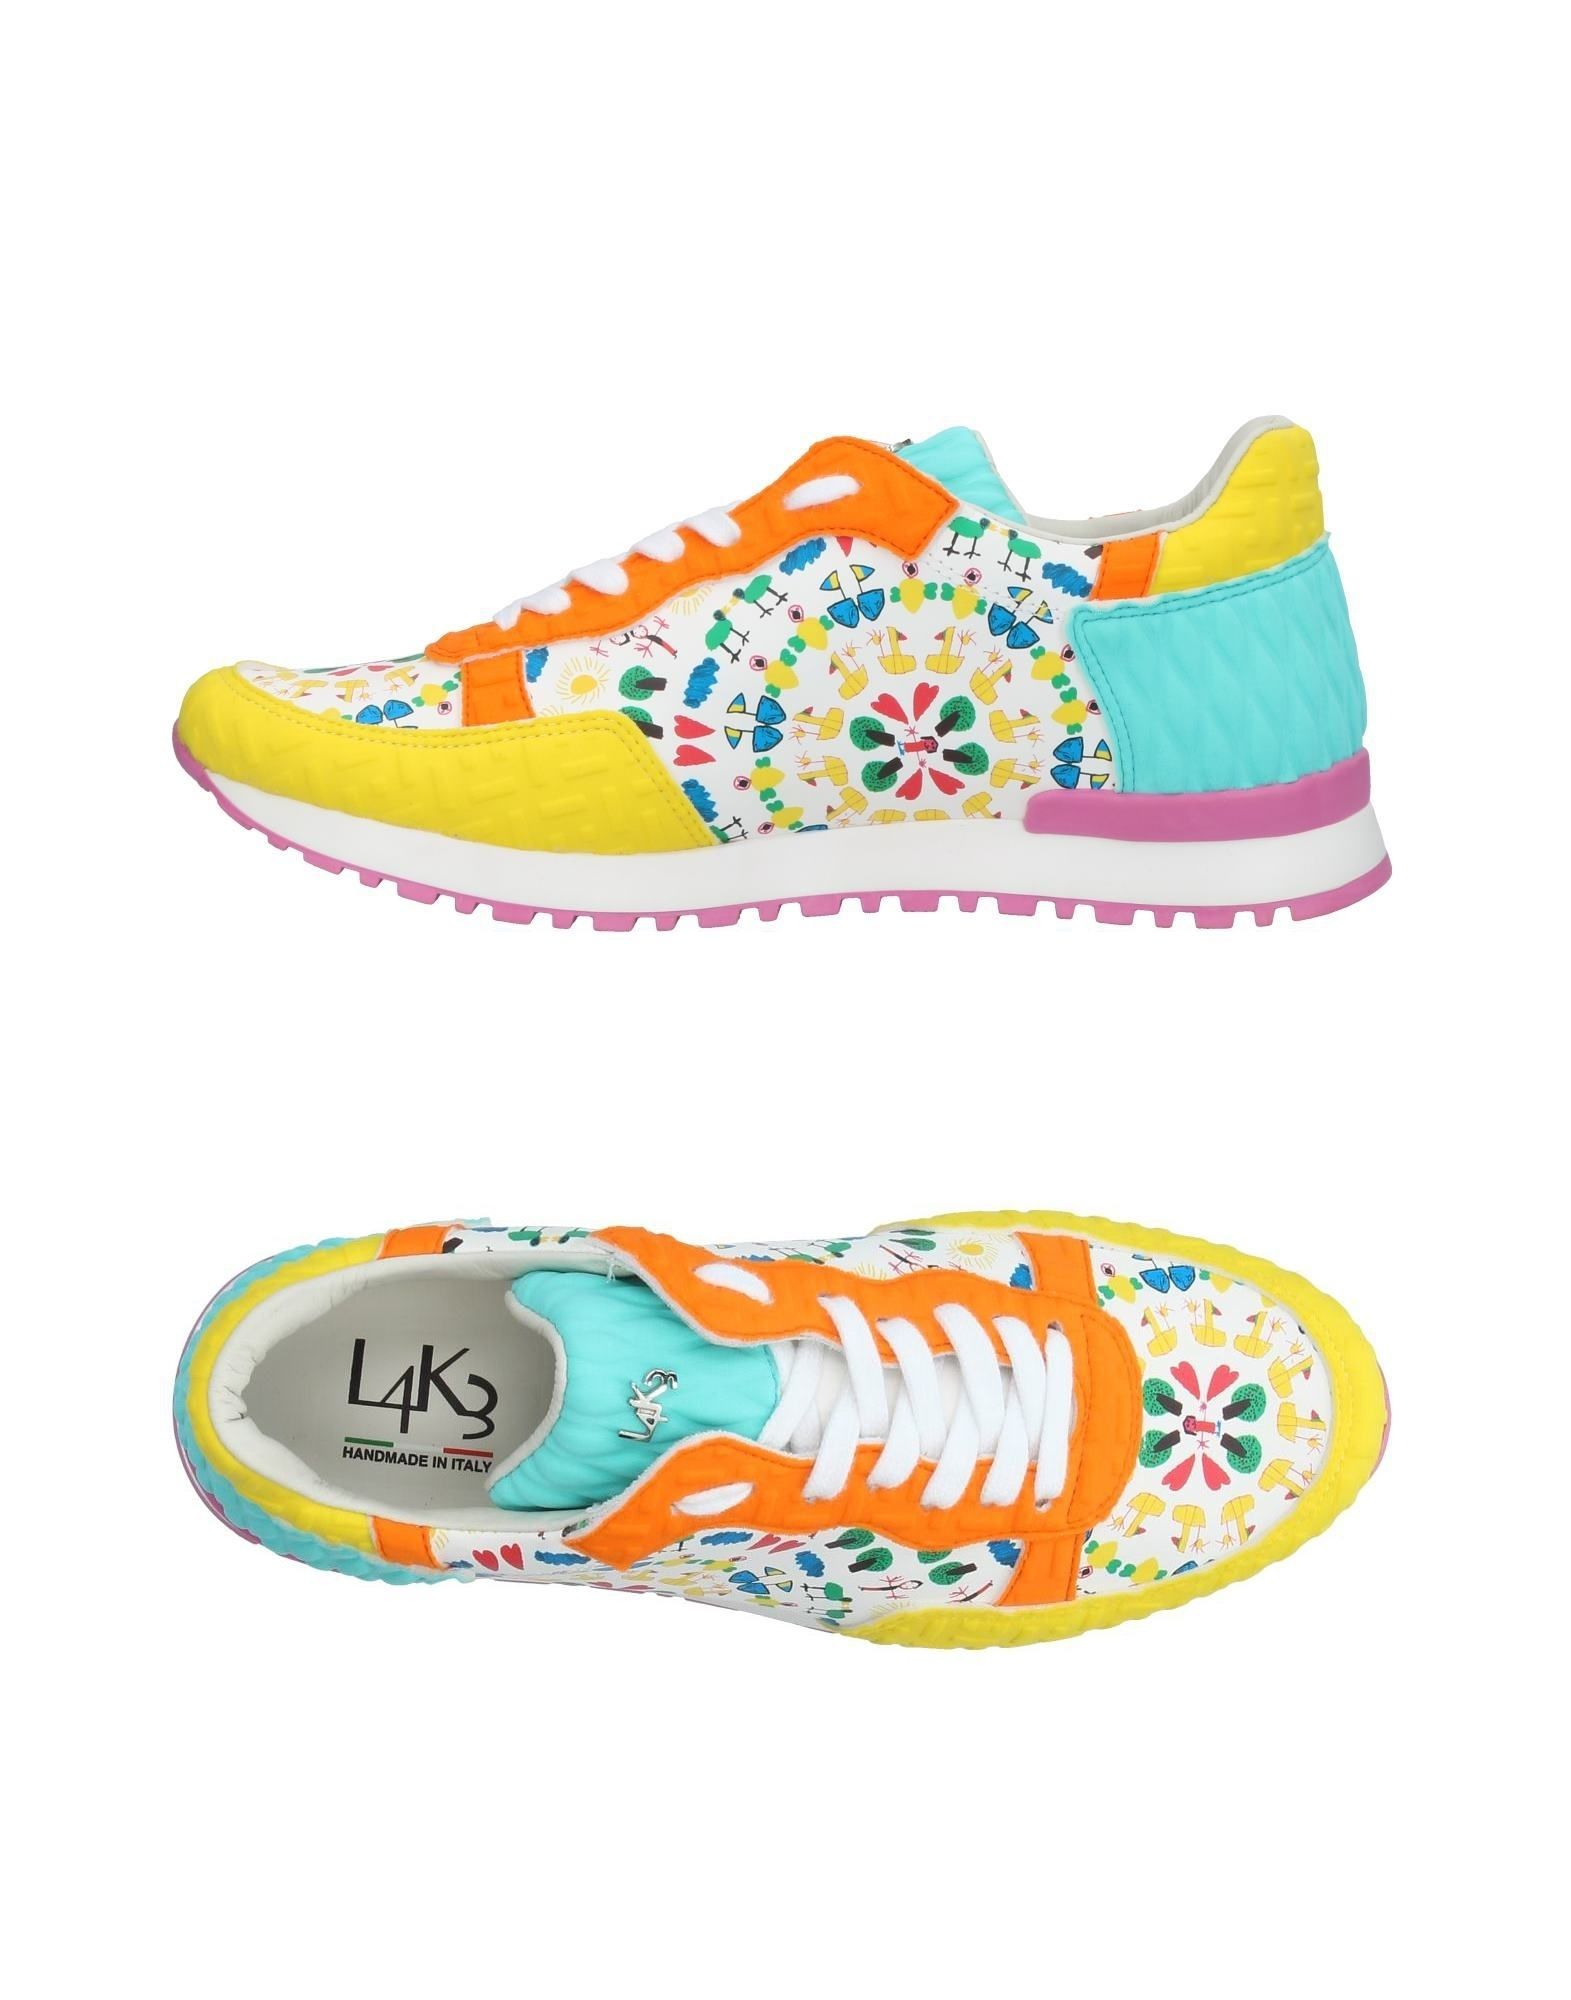 Moda Sneakers L4k3 Donna - 11379837RE